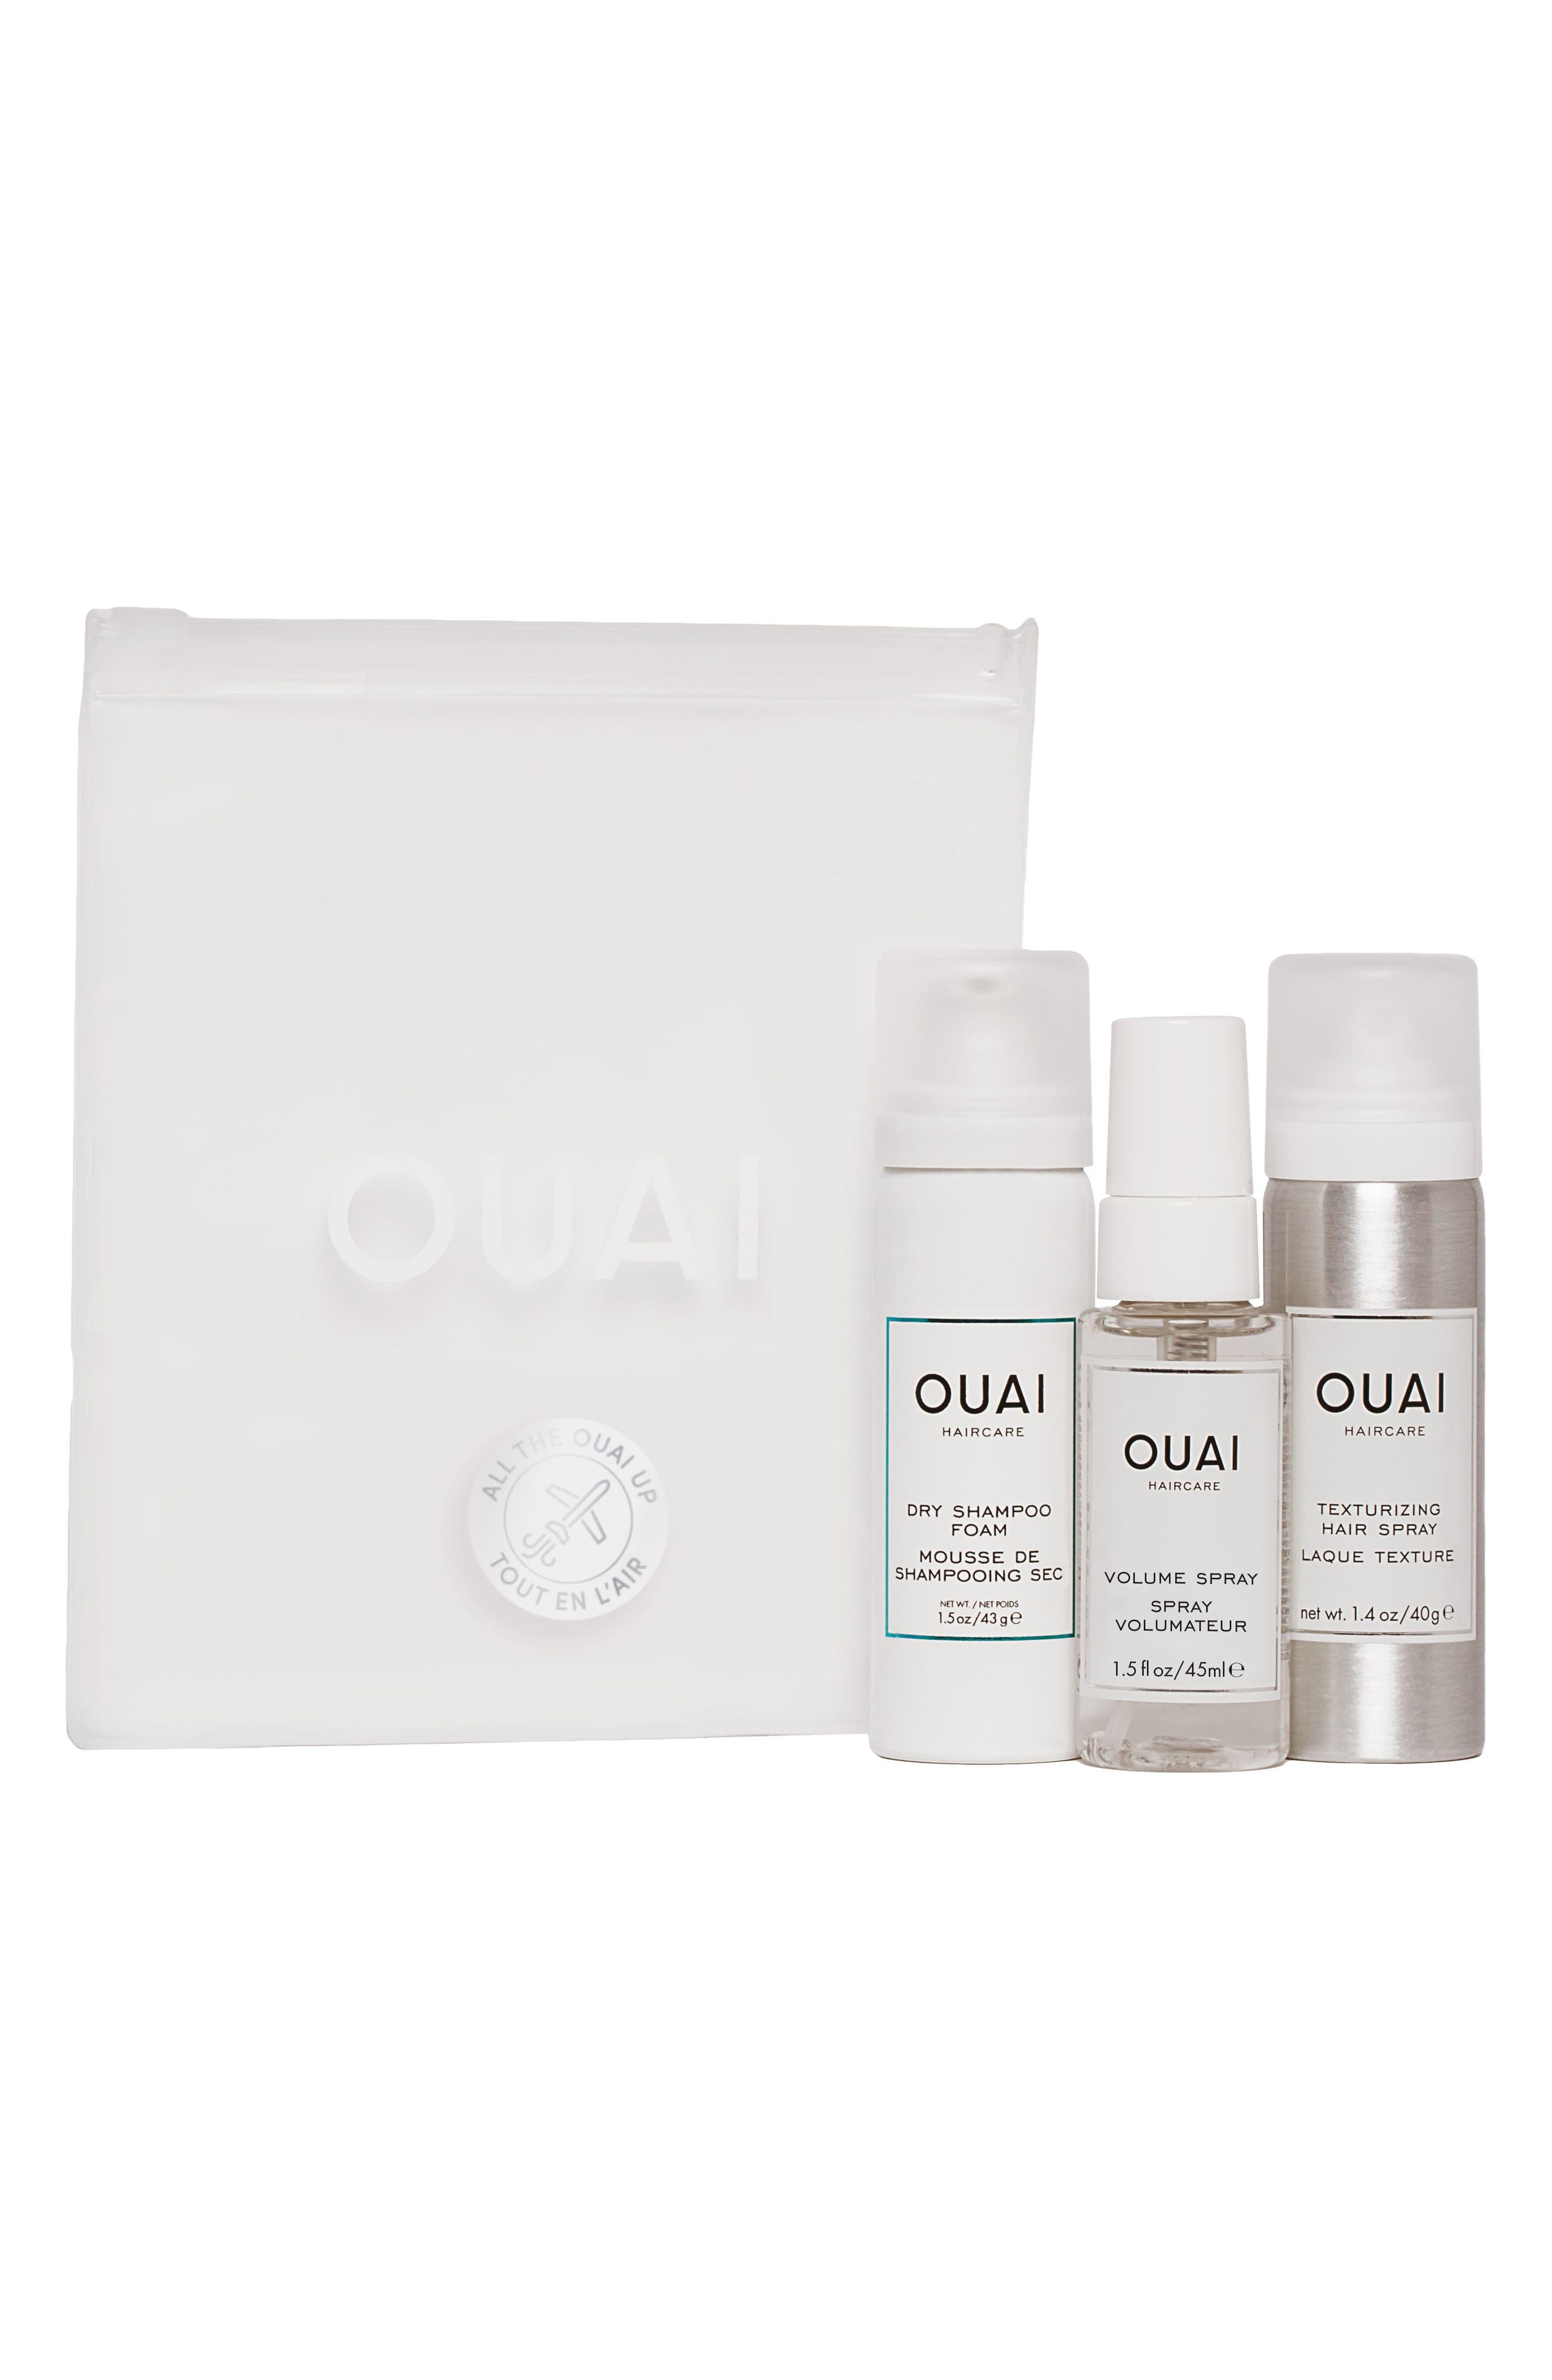 OUAI All The OUAI Travel Kit ($36 Value)